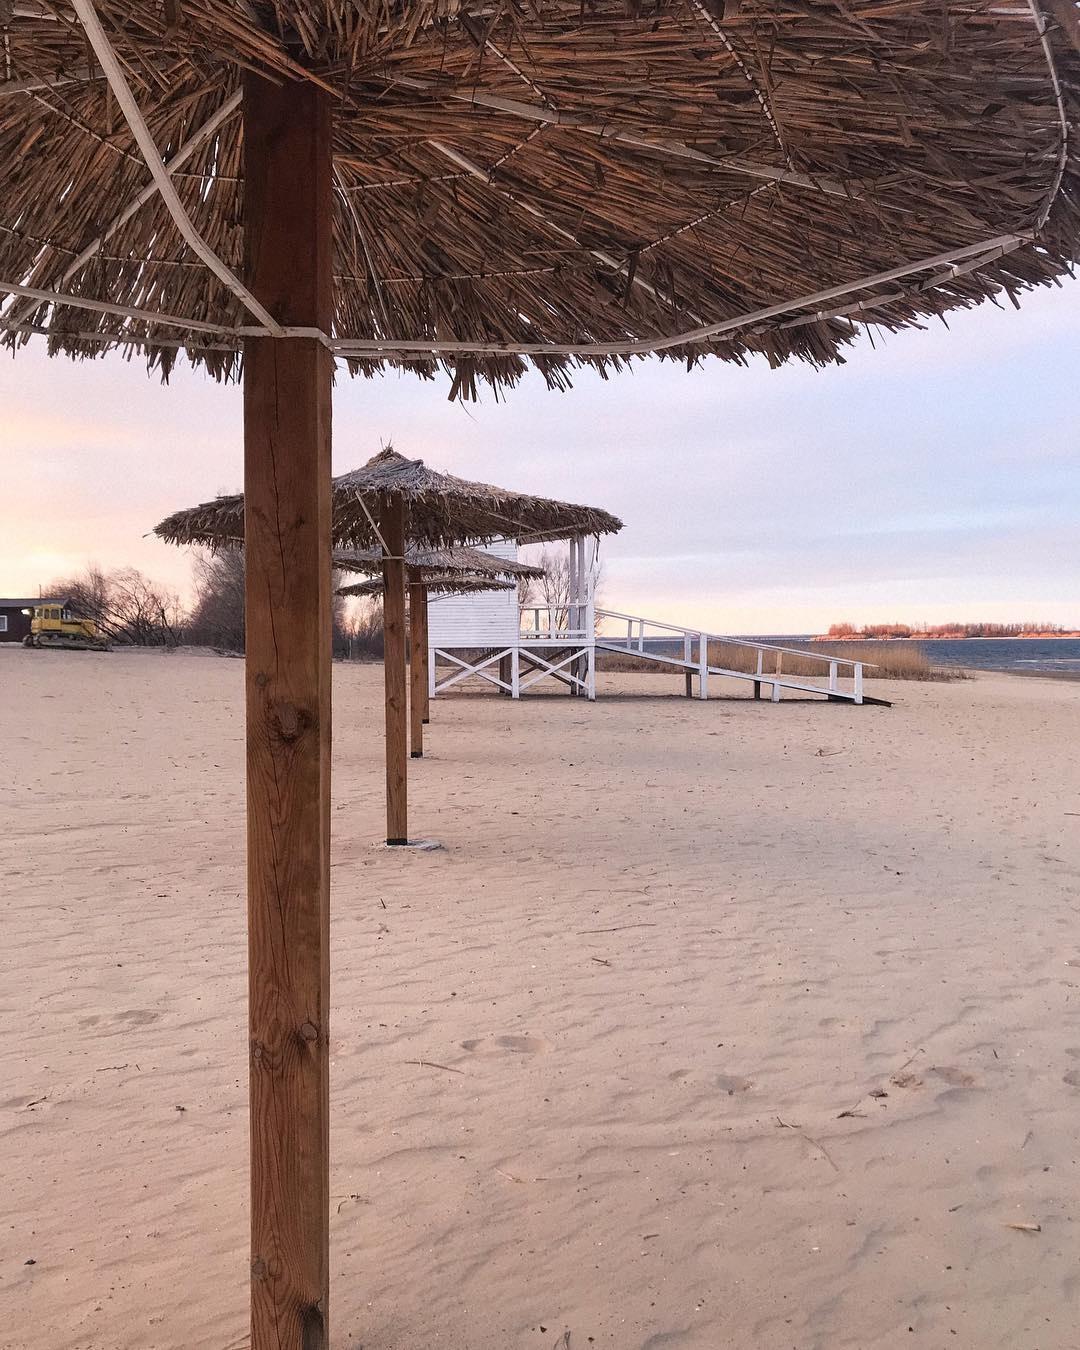 До пляжного сезона осталось всего 10 недель